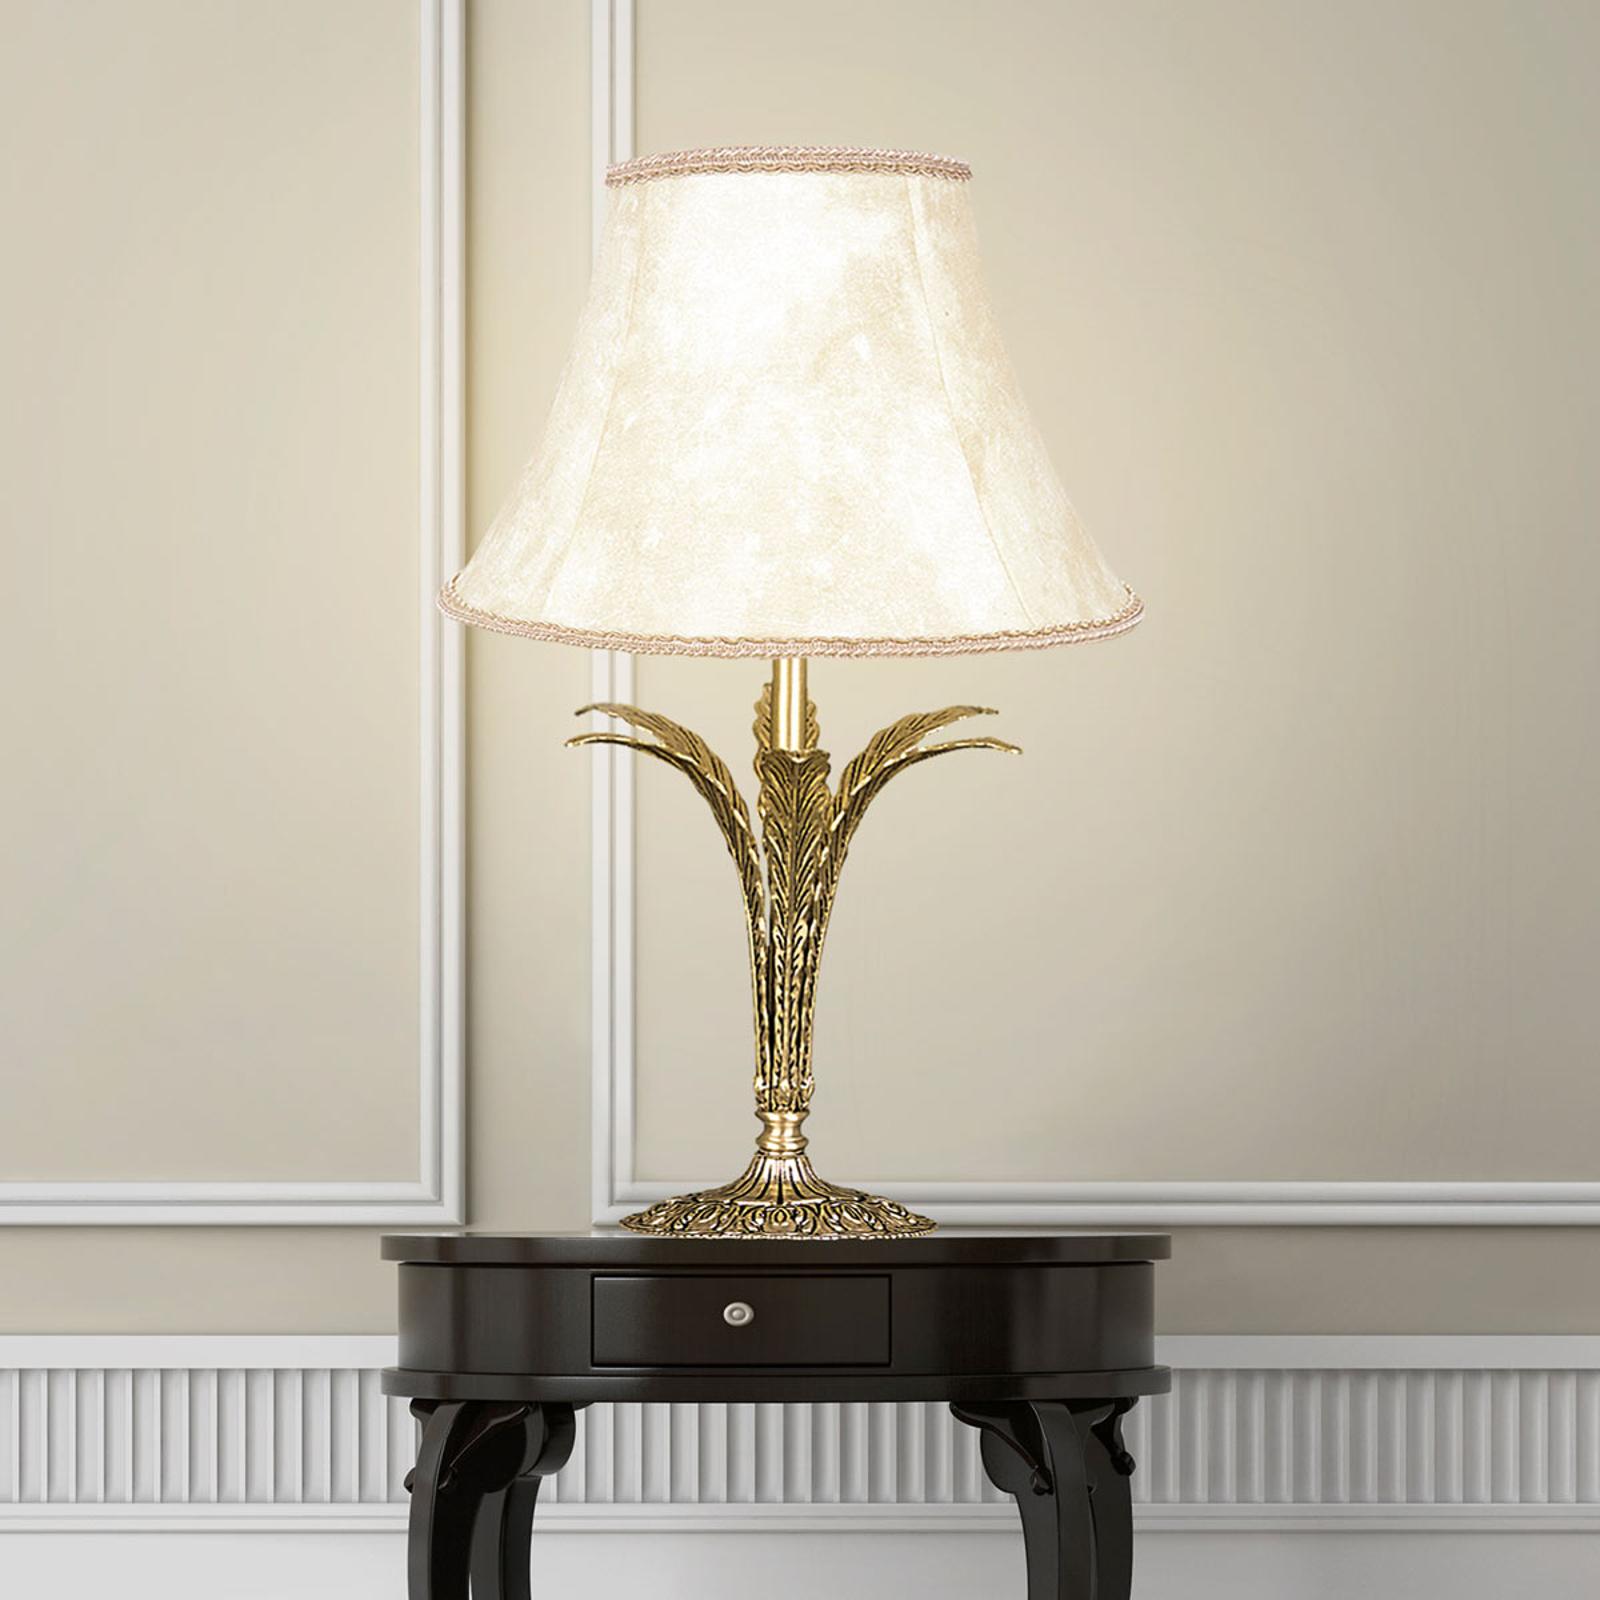 Lampe à poser Palmera, doré ancien, à 1 lampe